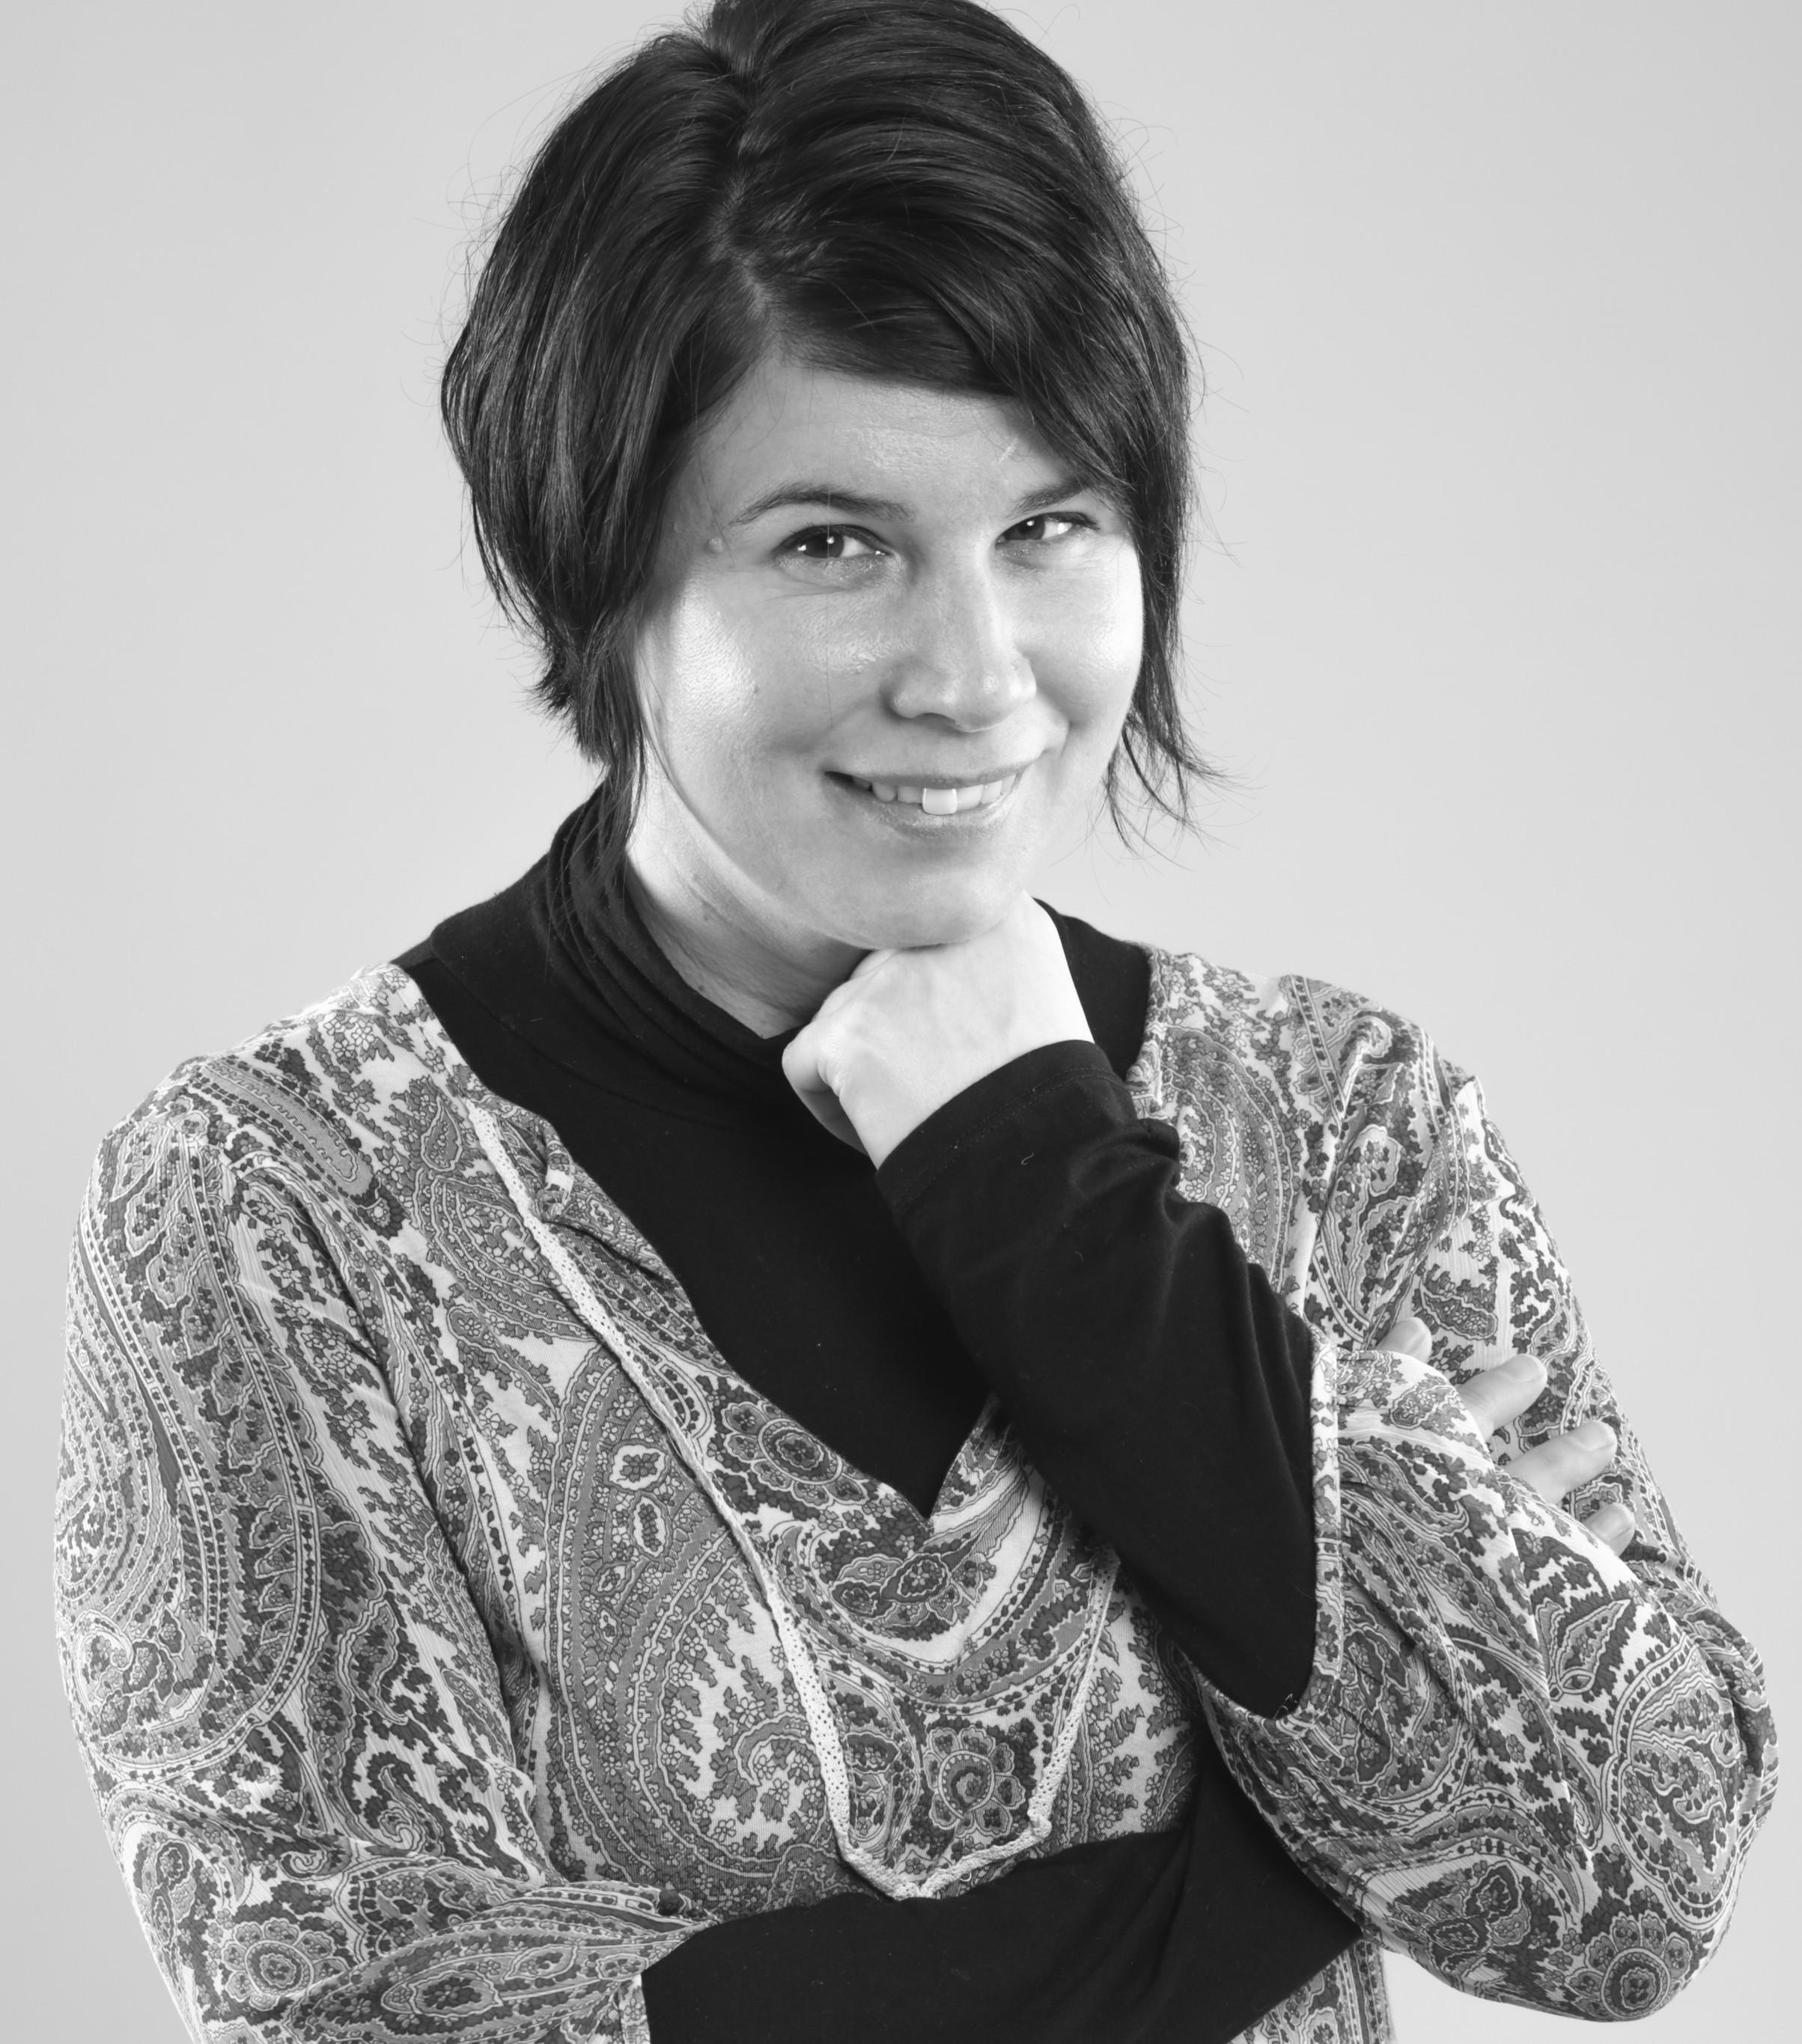 Anita Rossier